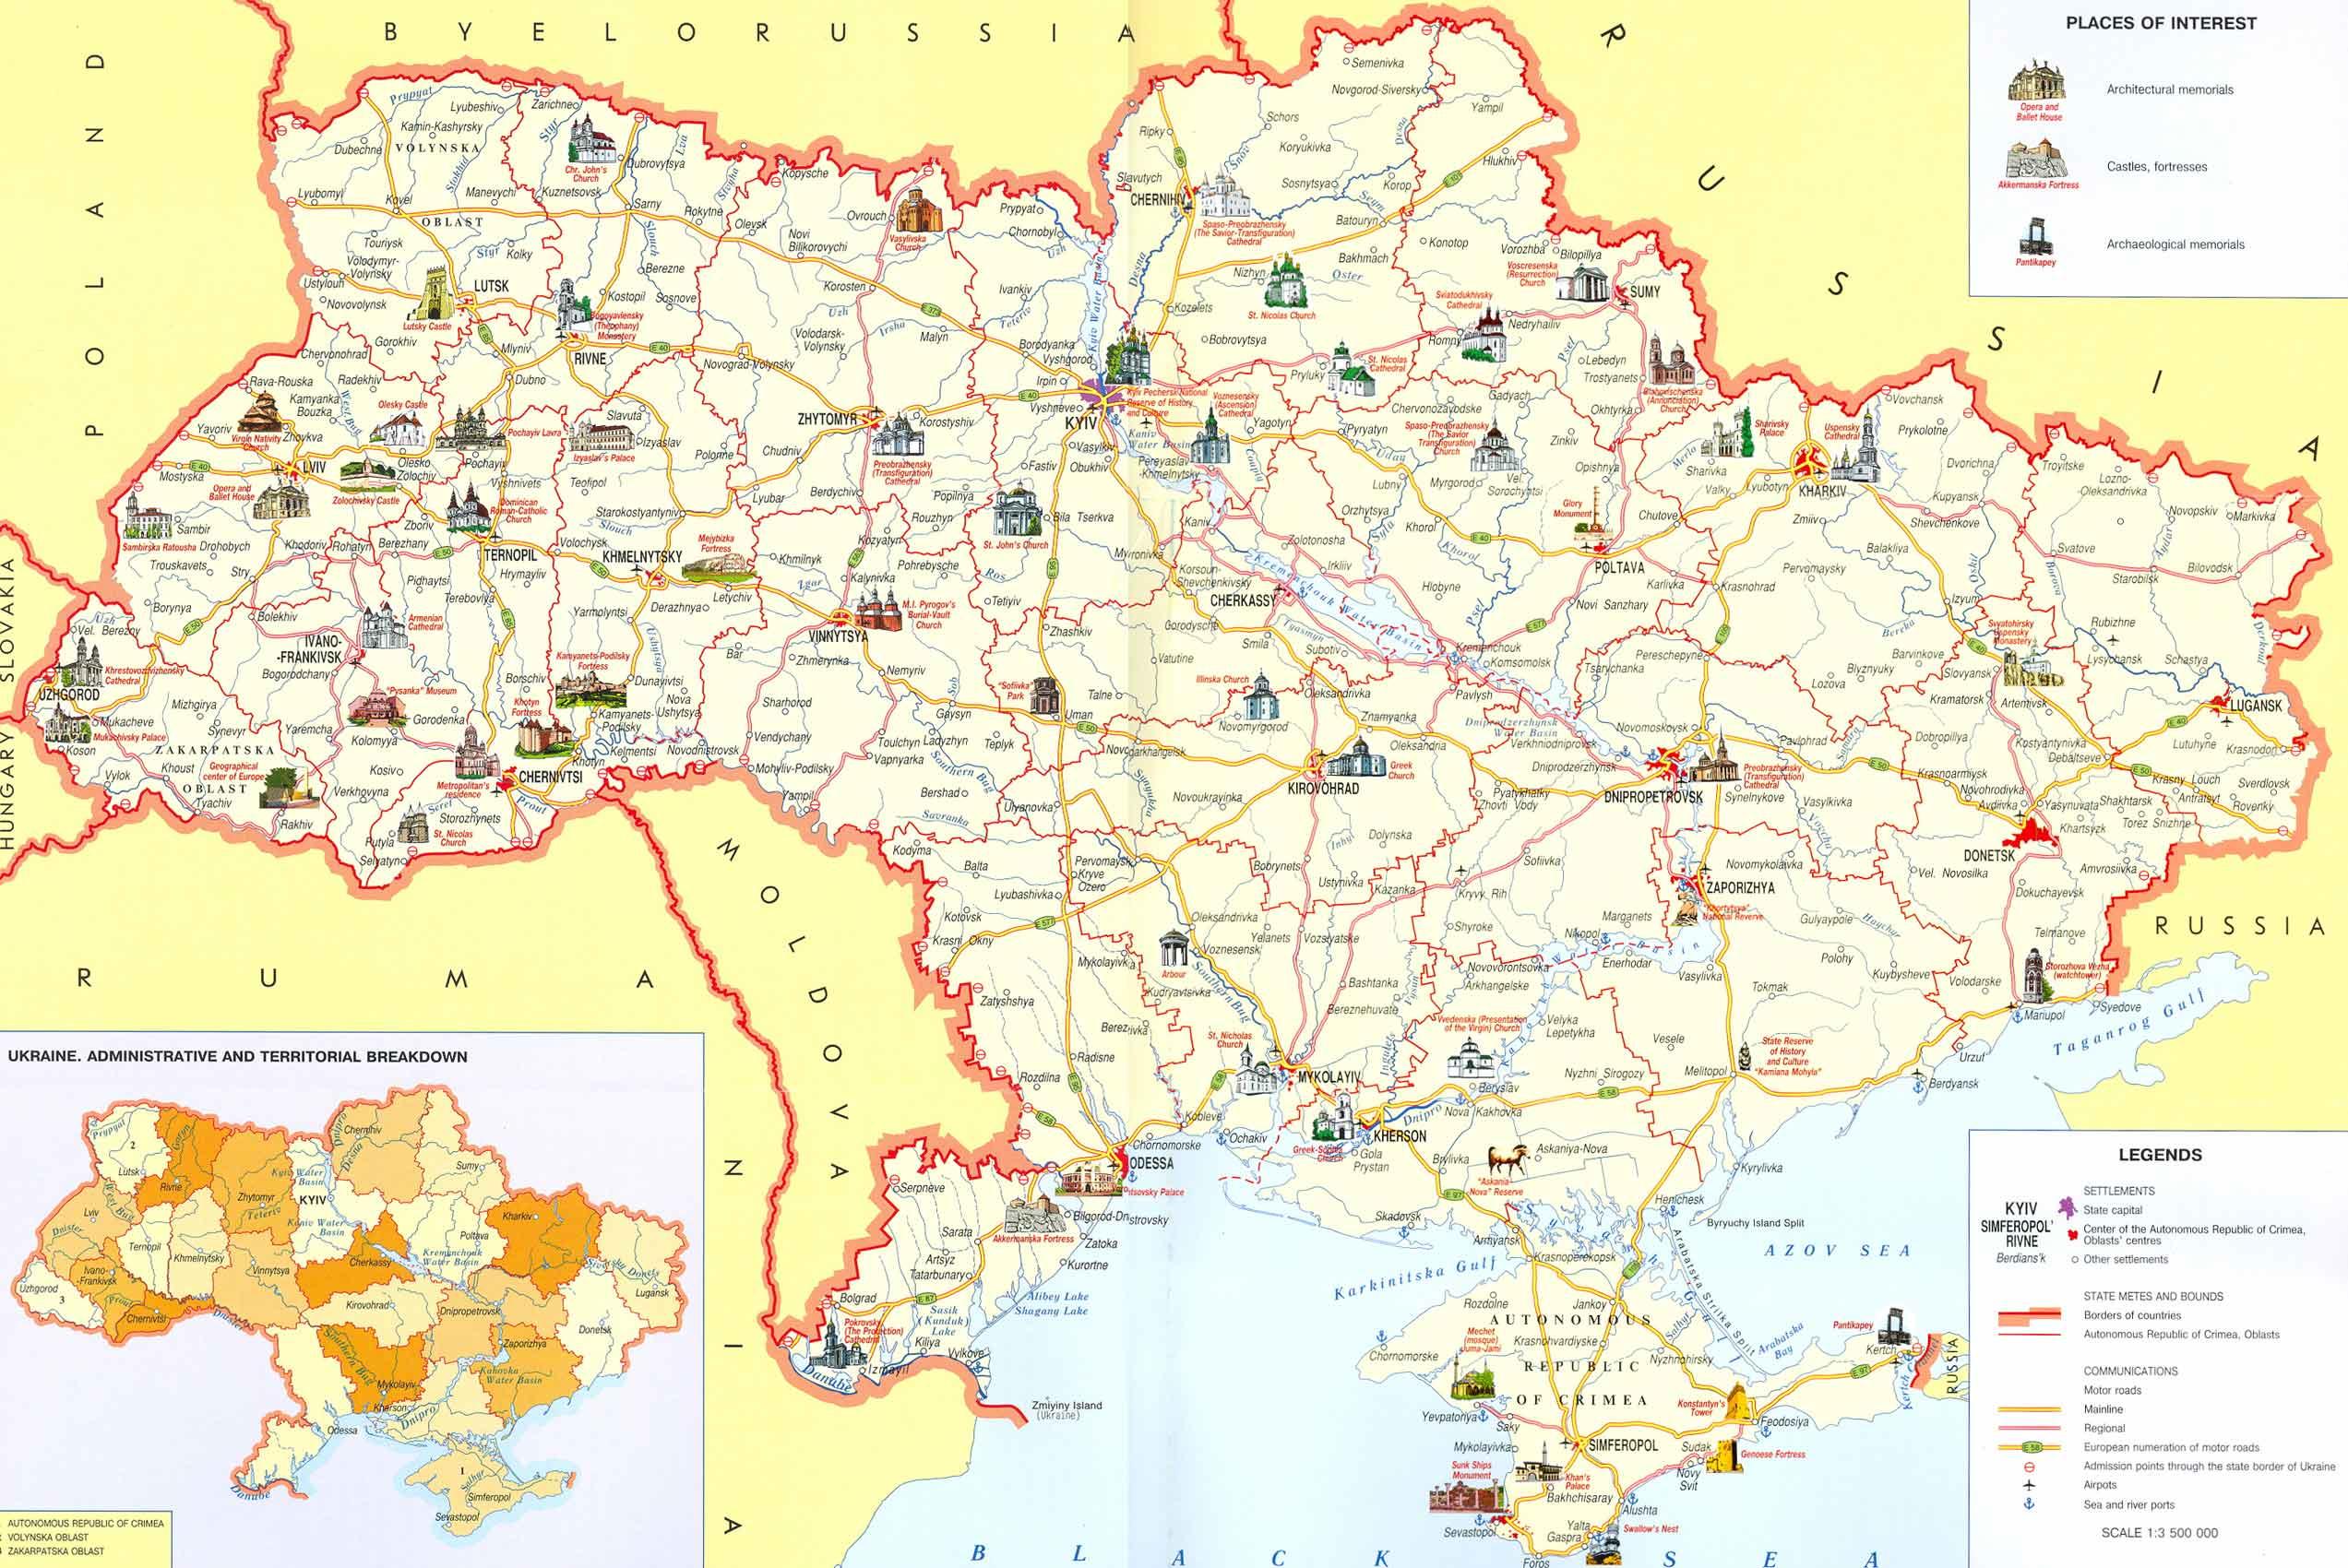 karta över ukraina på svenska Poltava   Travel Forum karta över ukraina på svenska